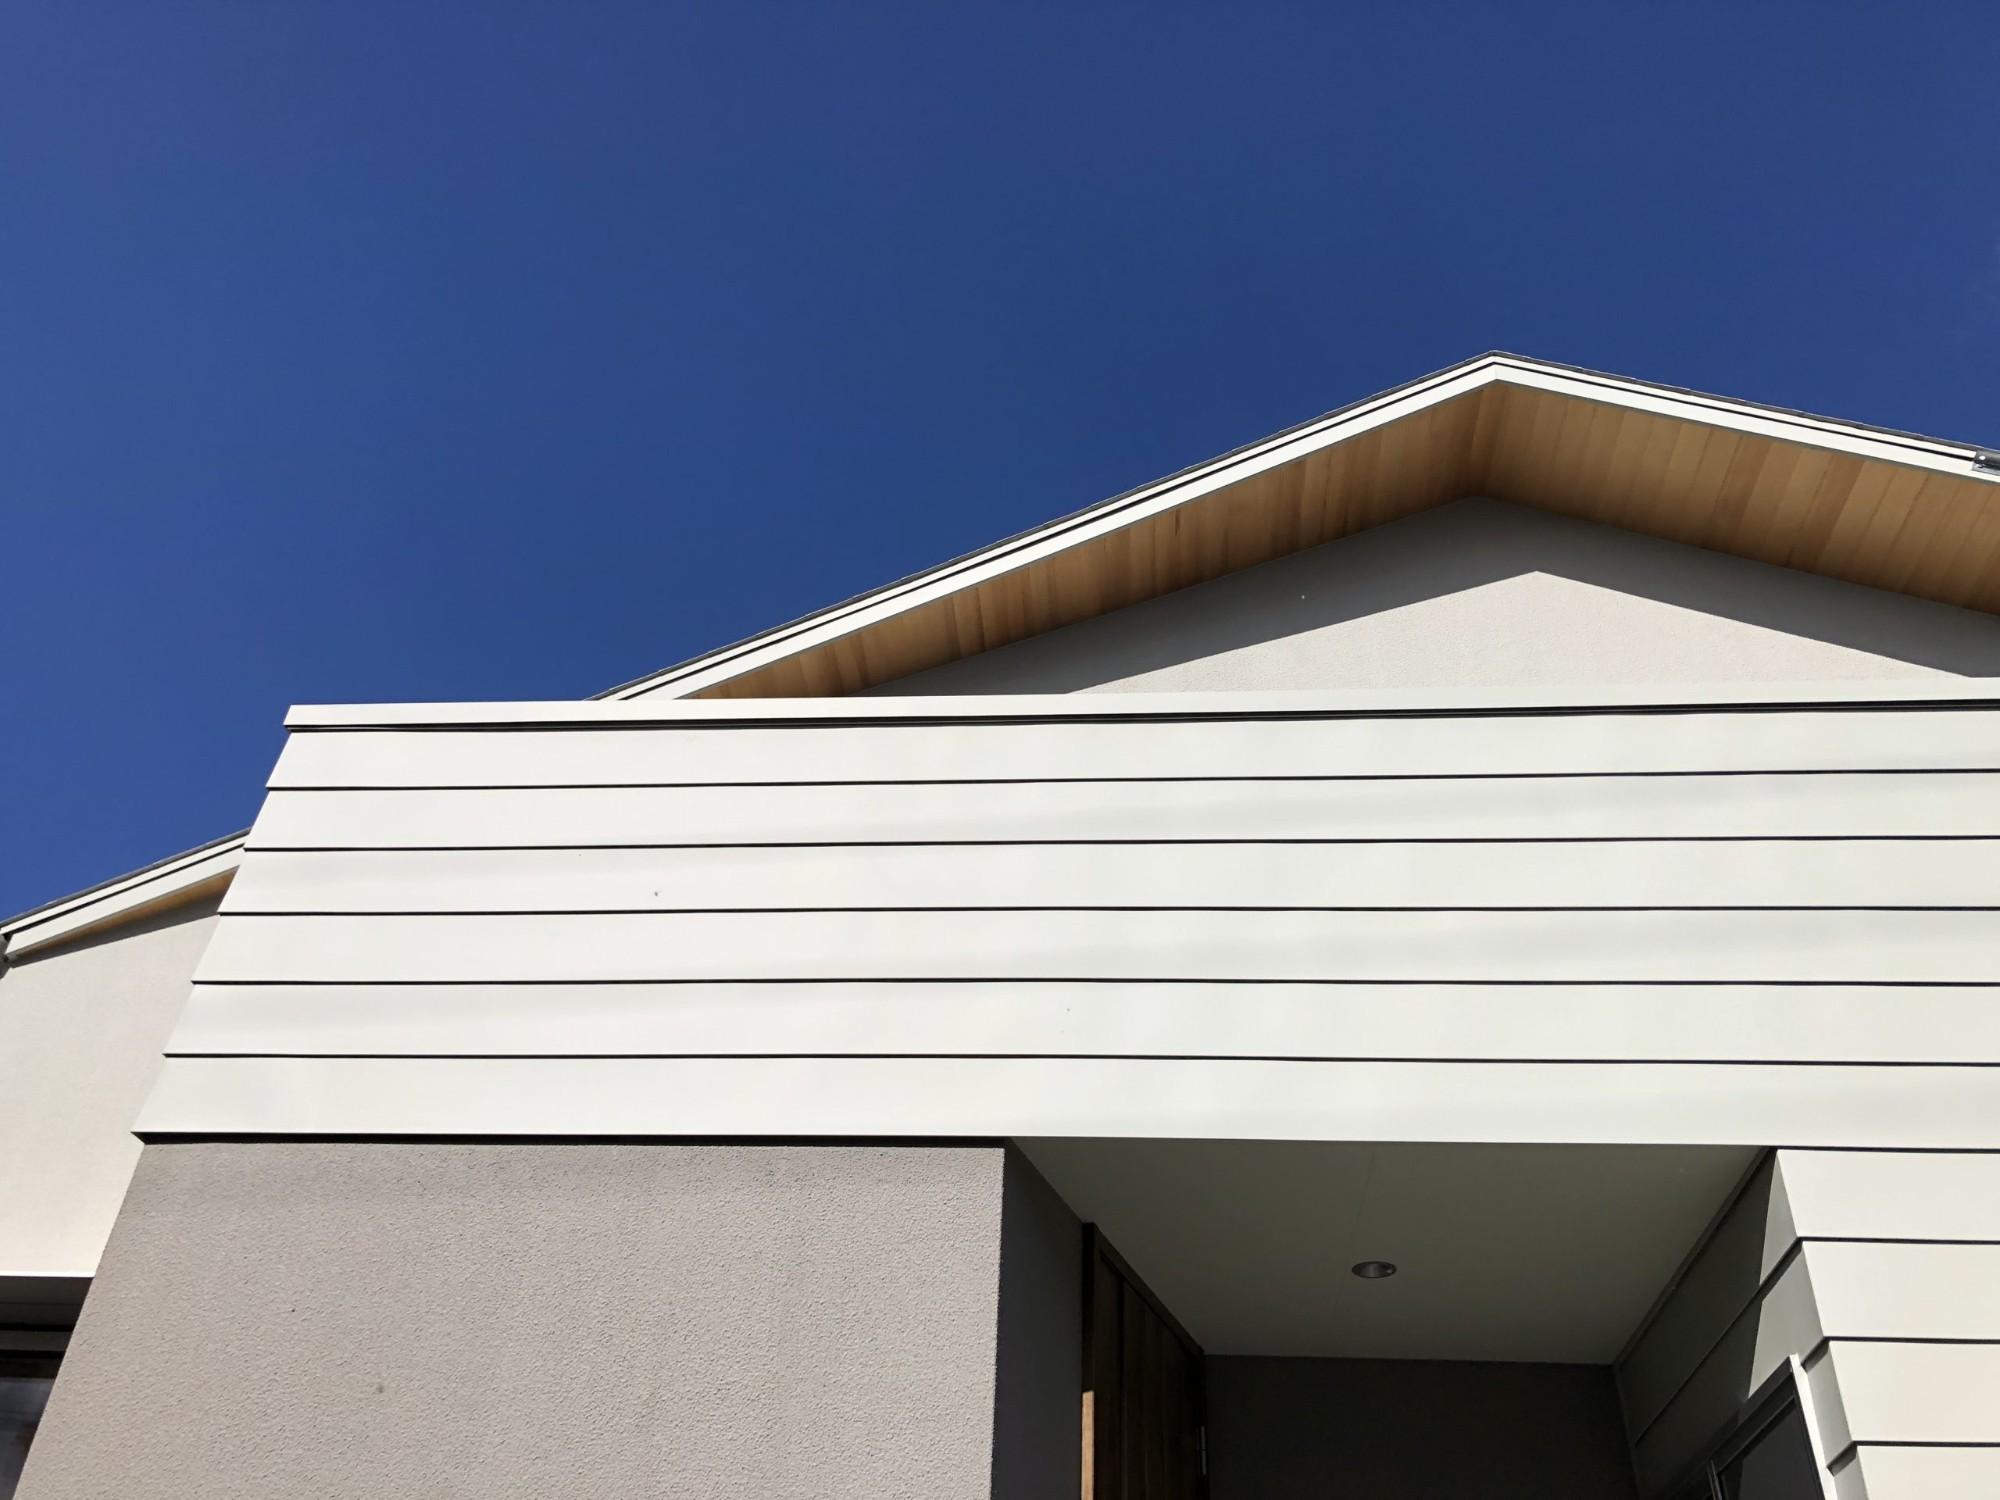 株式会社あかがわ建築設計室「包守の家」のシンプル・ナチュラル・モダンな外観の実例写真